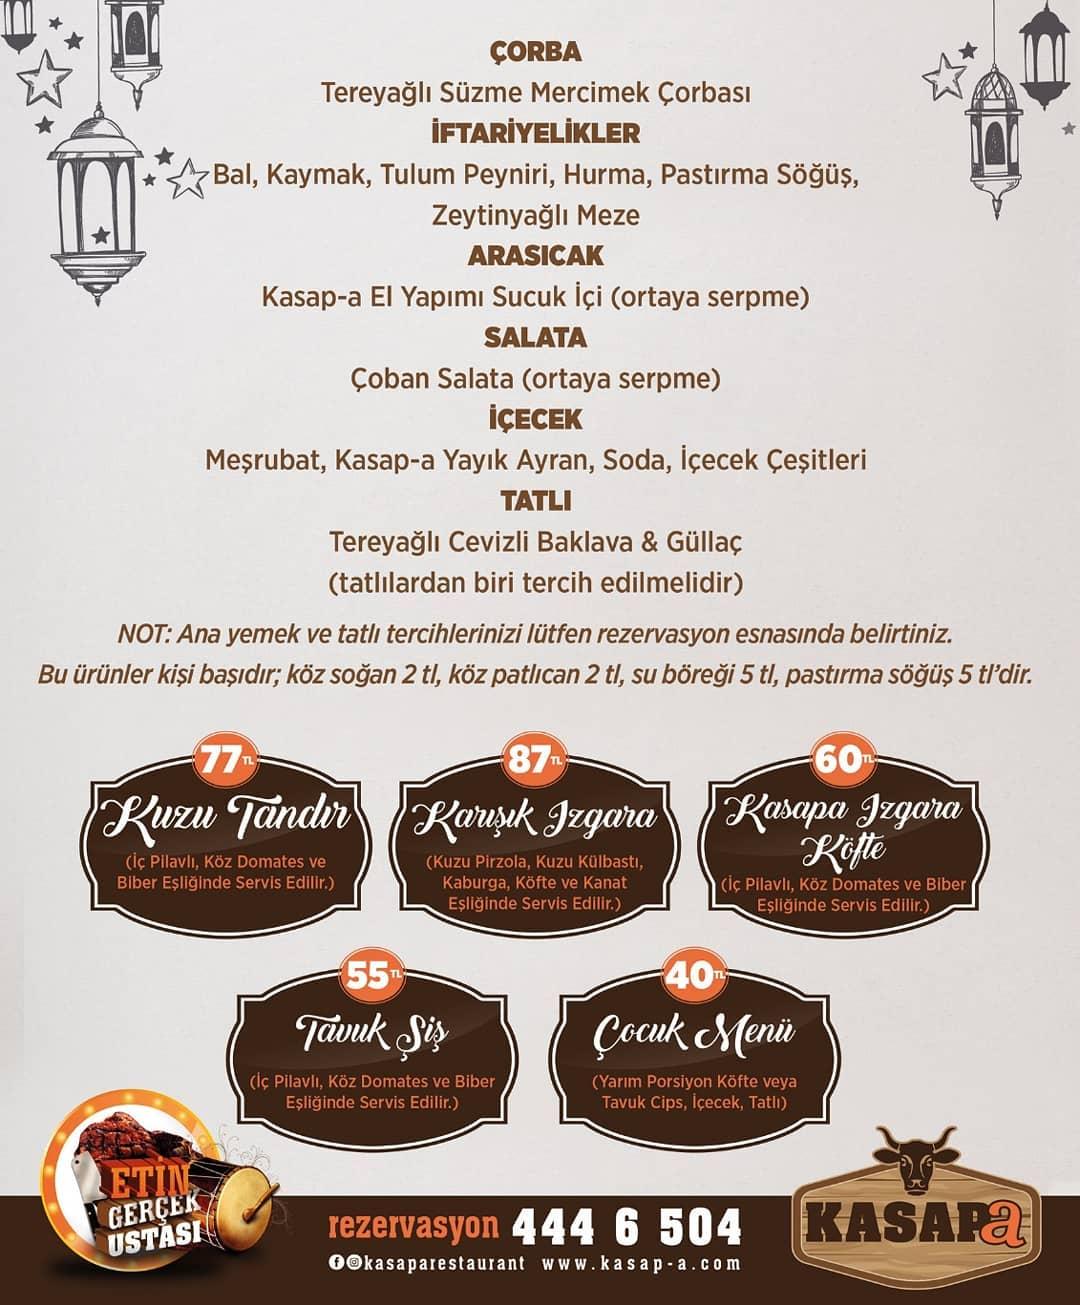 kasap-a restoran kayseri iftar menü kayseri iftar mekanları